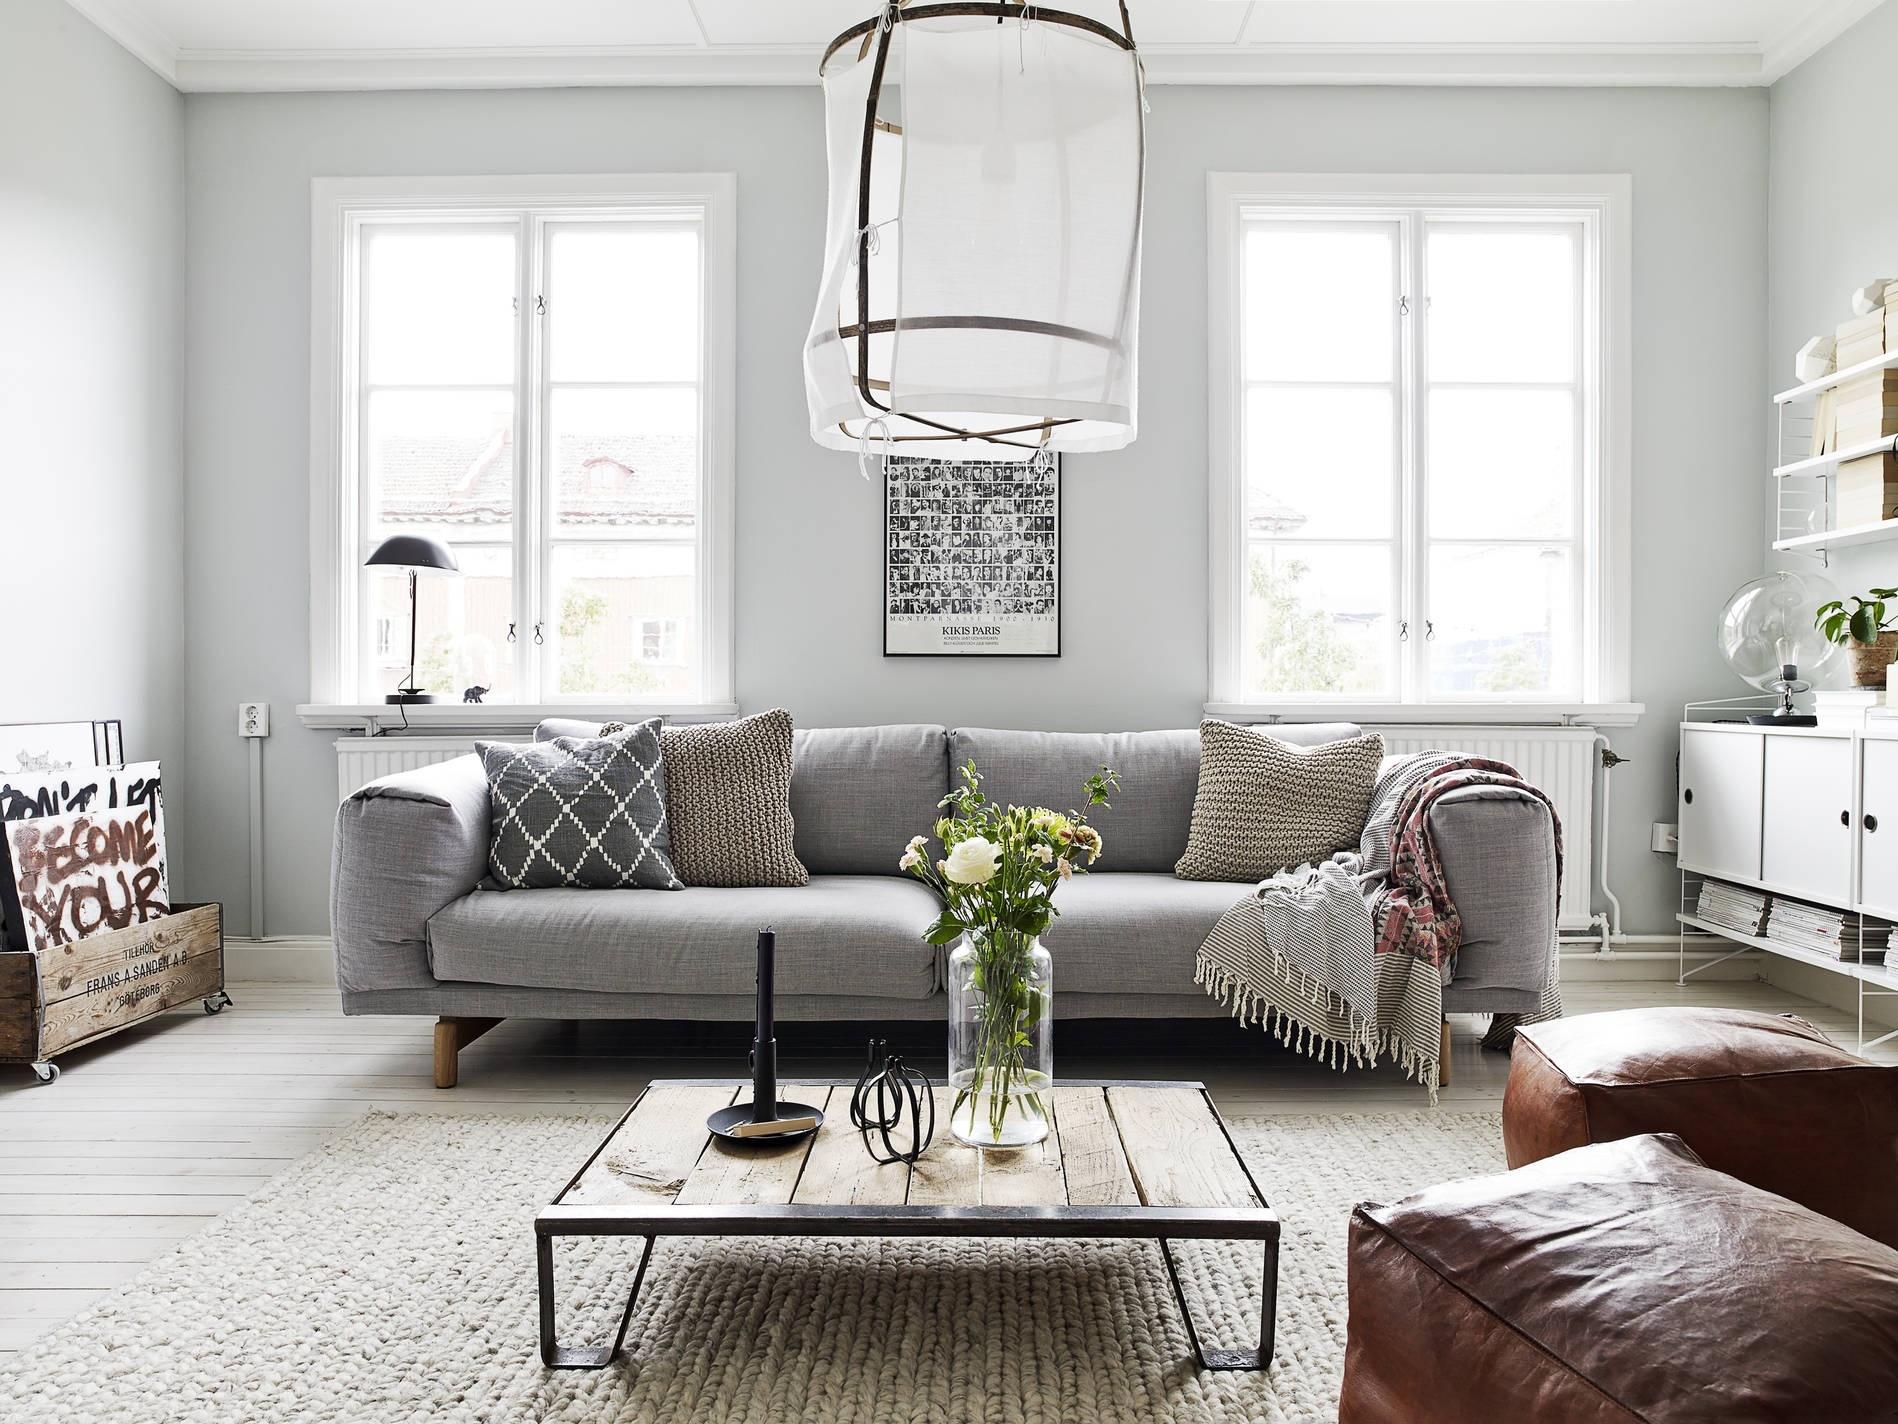 Wohnungseinrichtung U2013 Tipp 1: Stellen Sie Die Möbel Nicht Gleich Wie In Der  Alten Wohnung